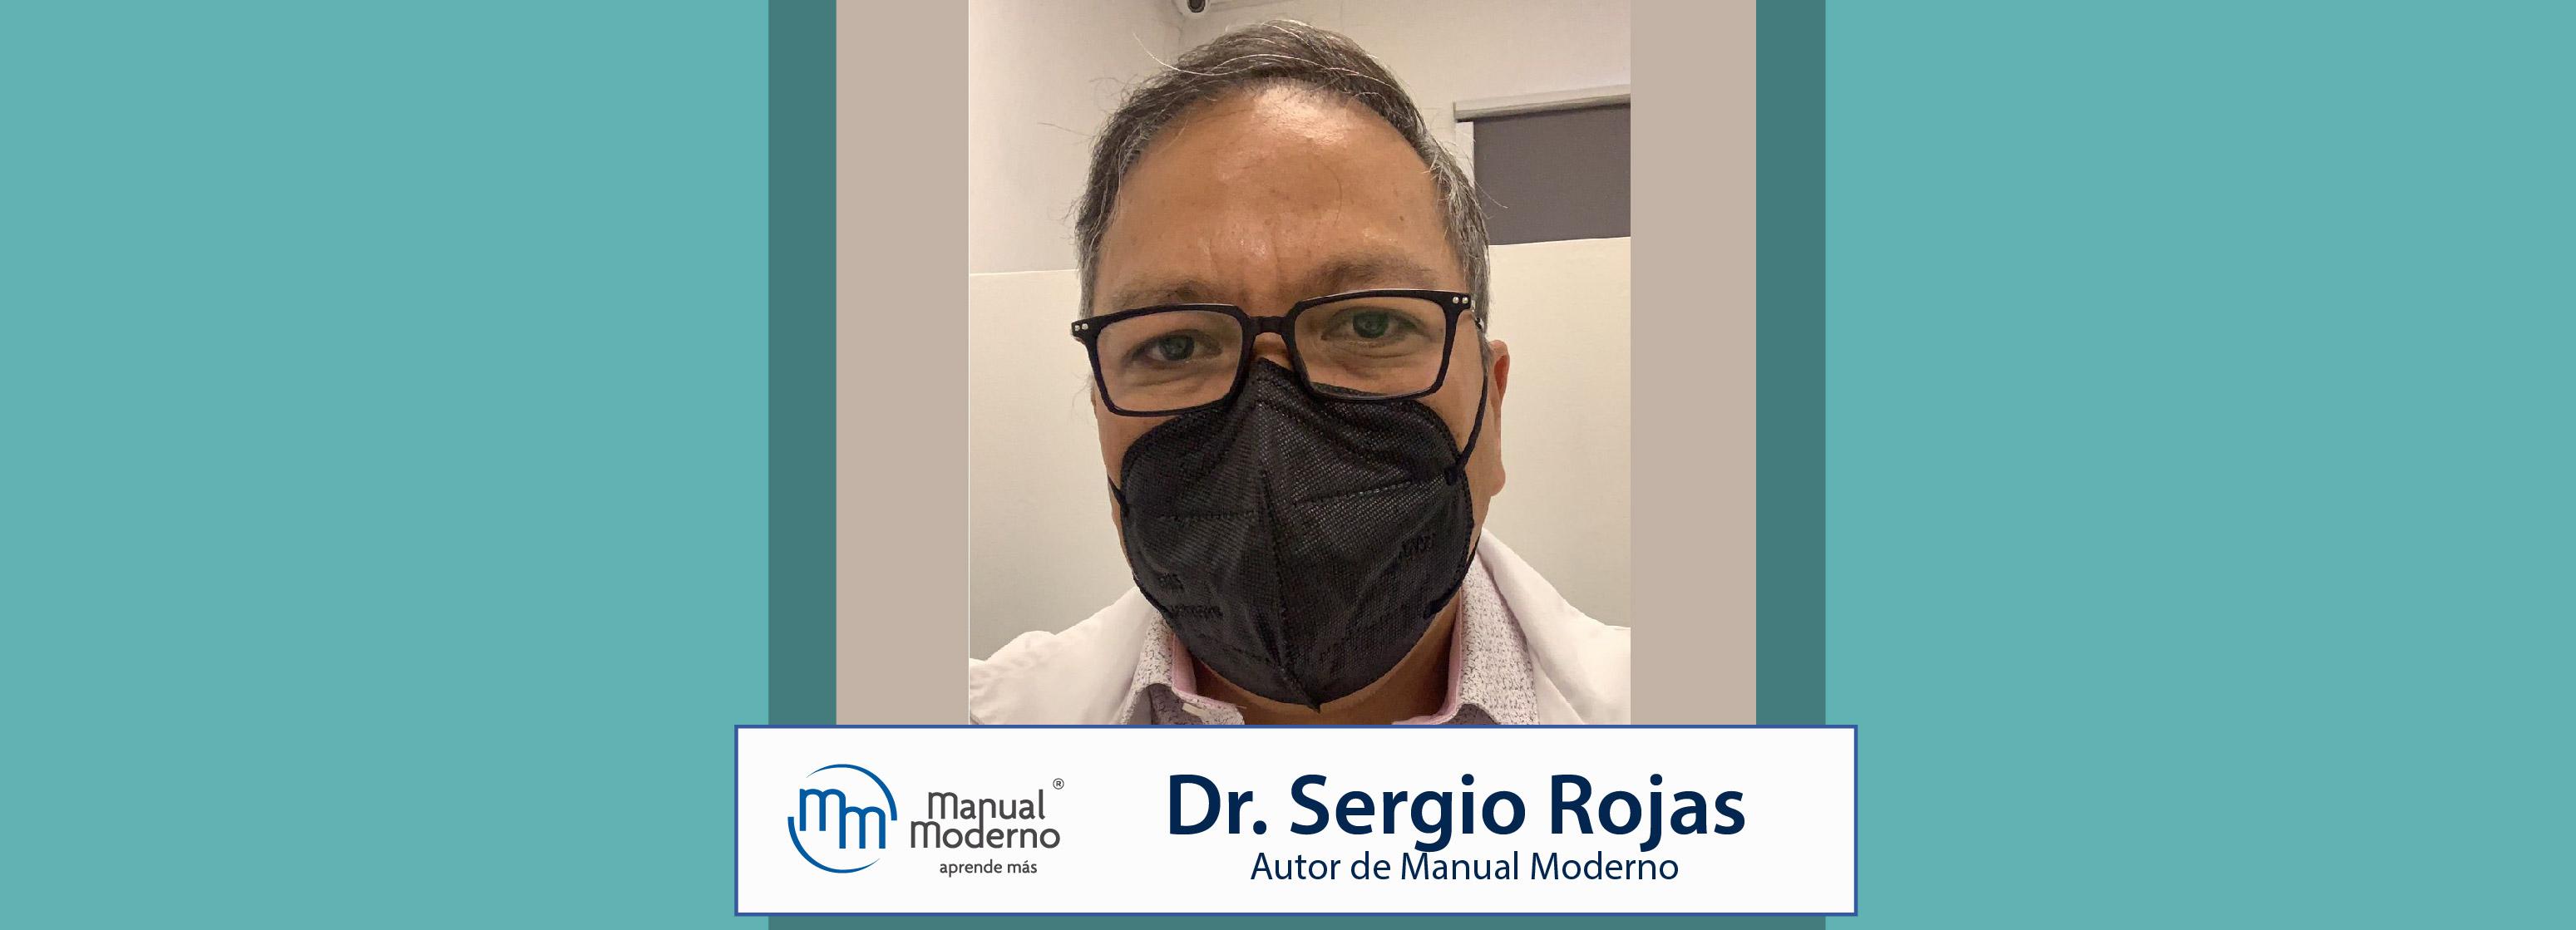 Nuestros Autores. Dr. Sergio Rojas